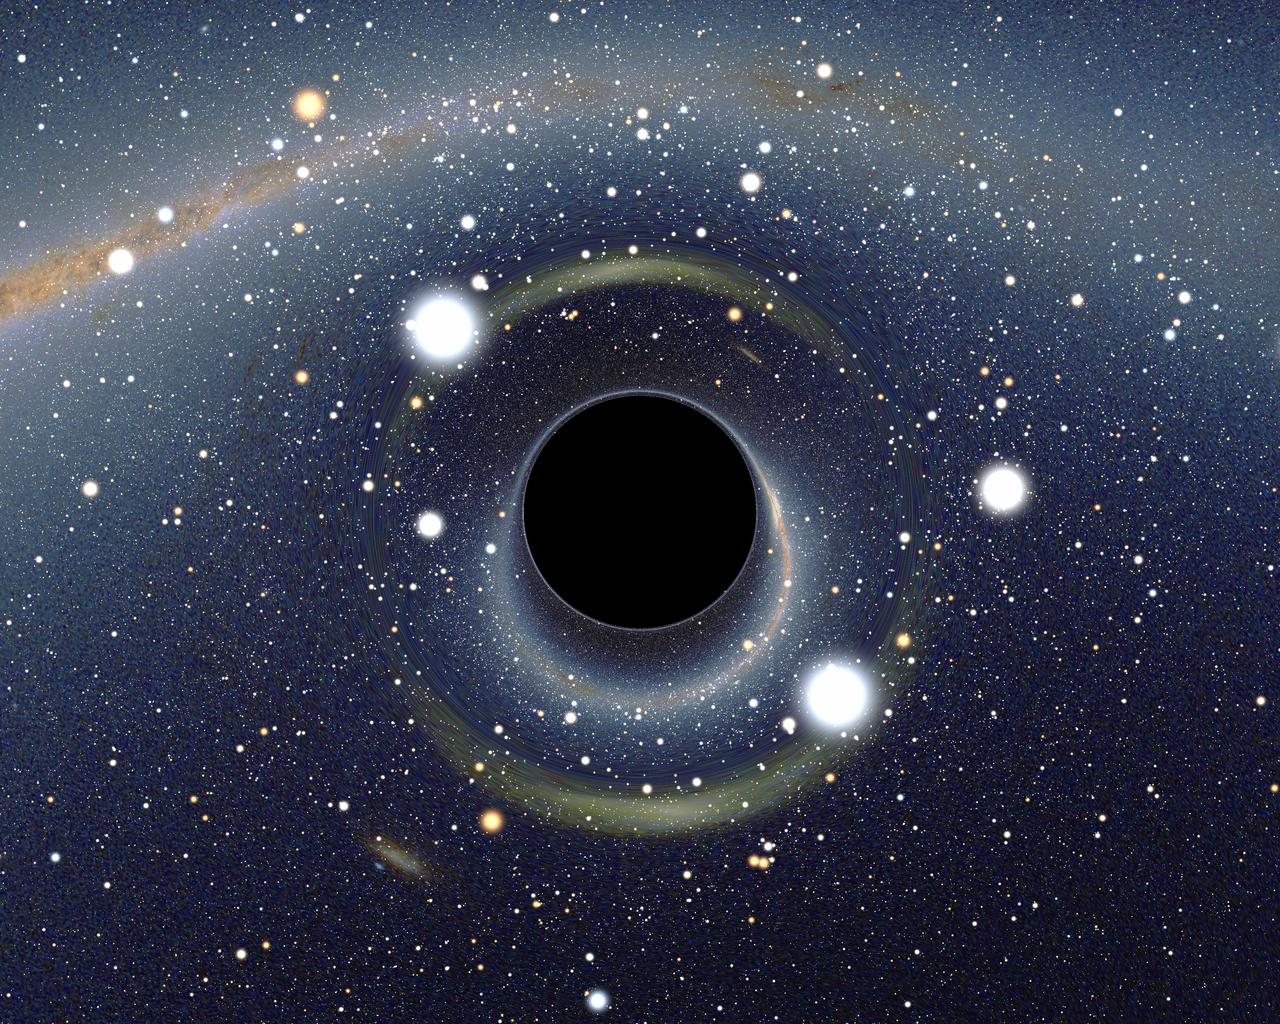 Simulação de um buraco negro distorcendo a luz, criando assim uma lente gravitacional.